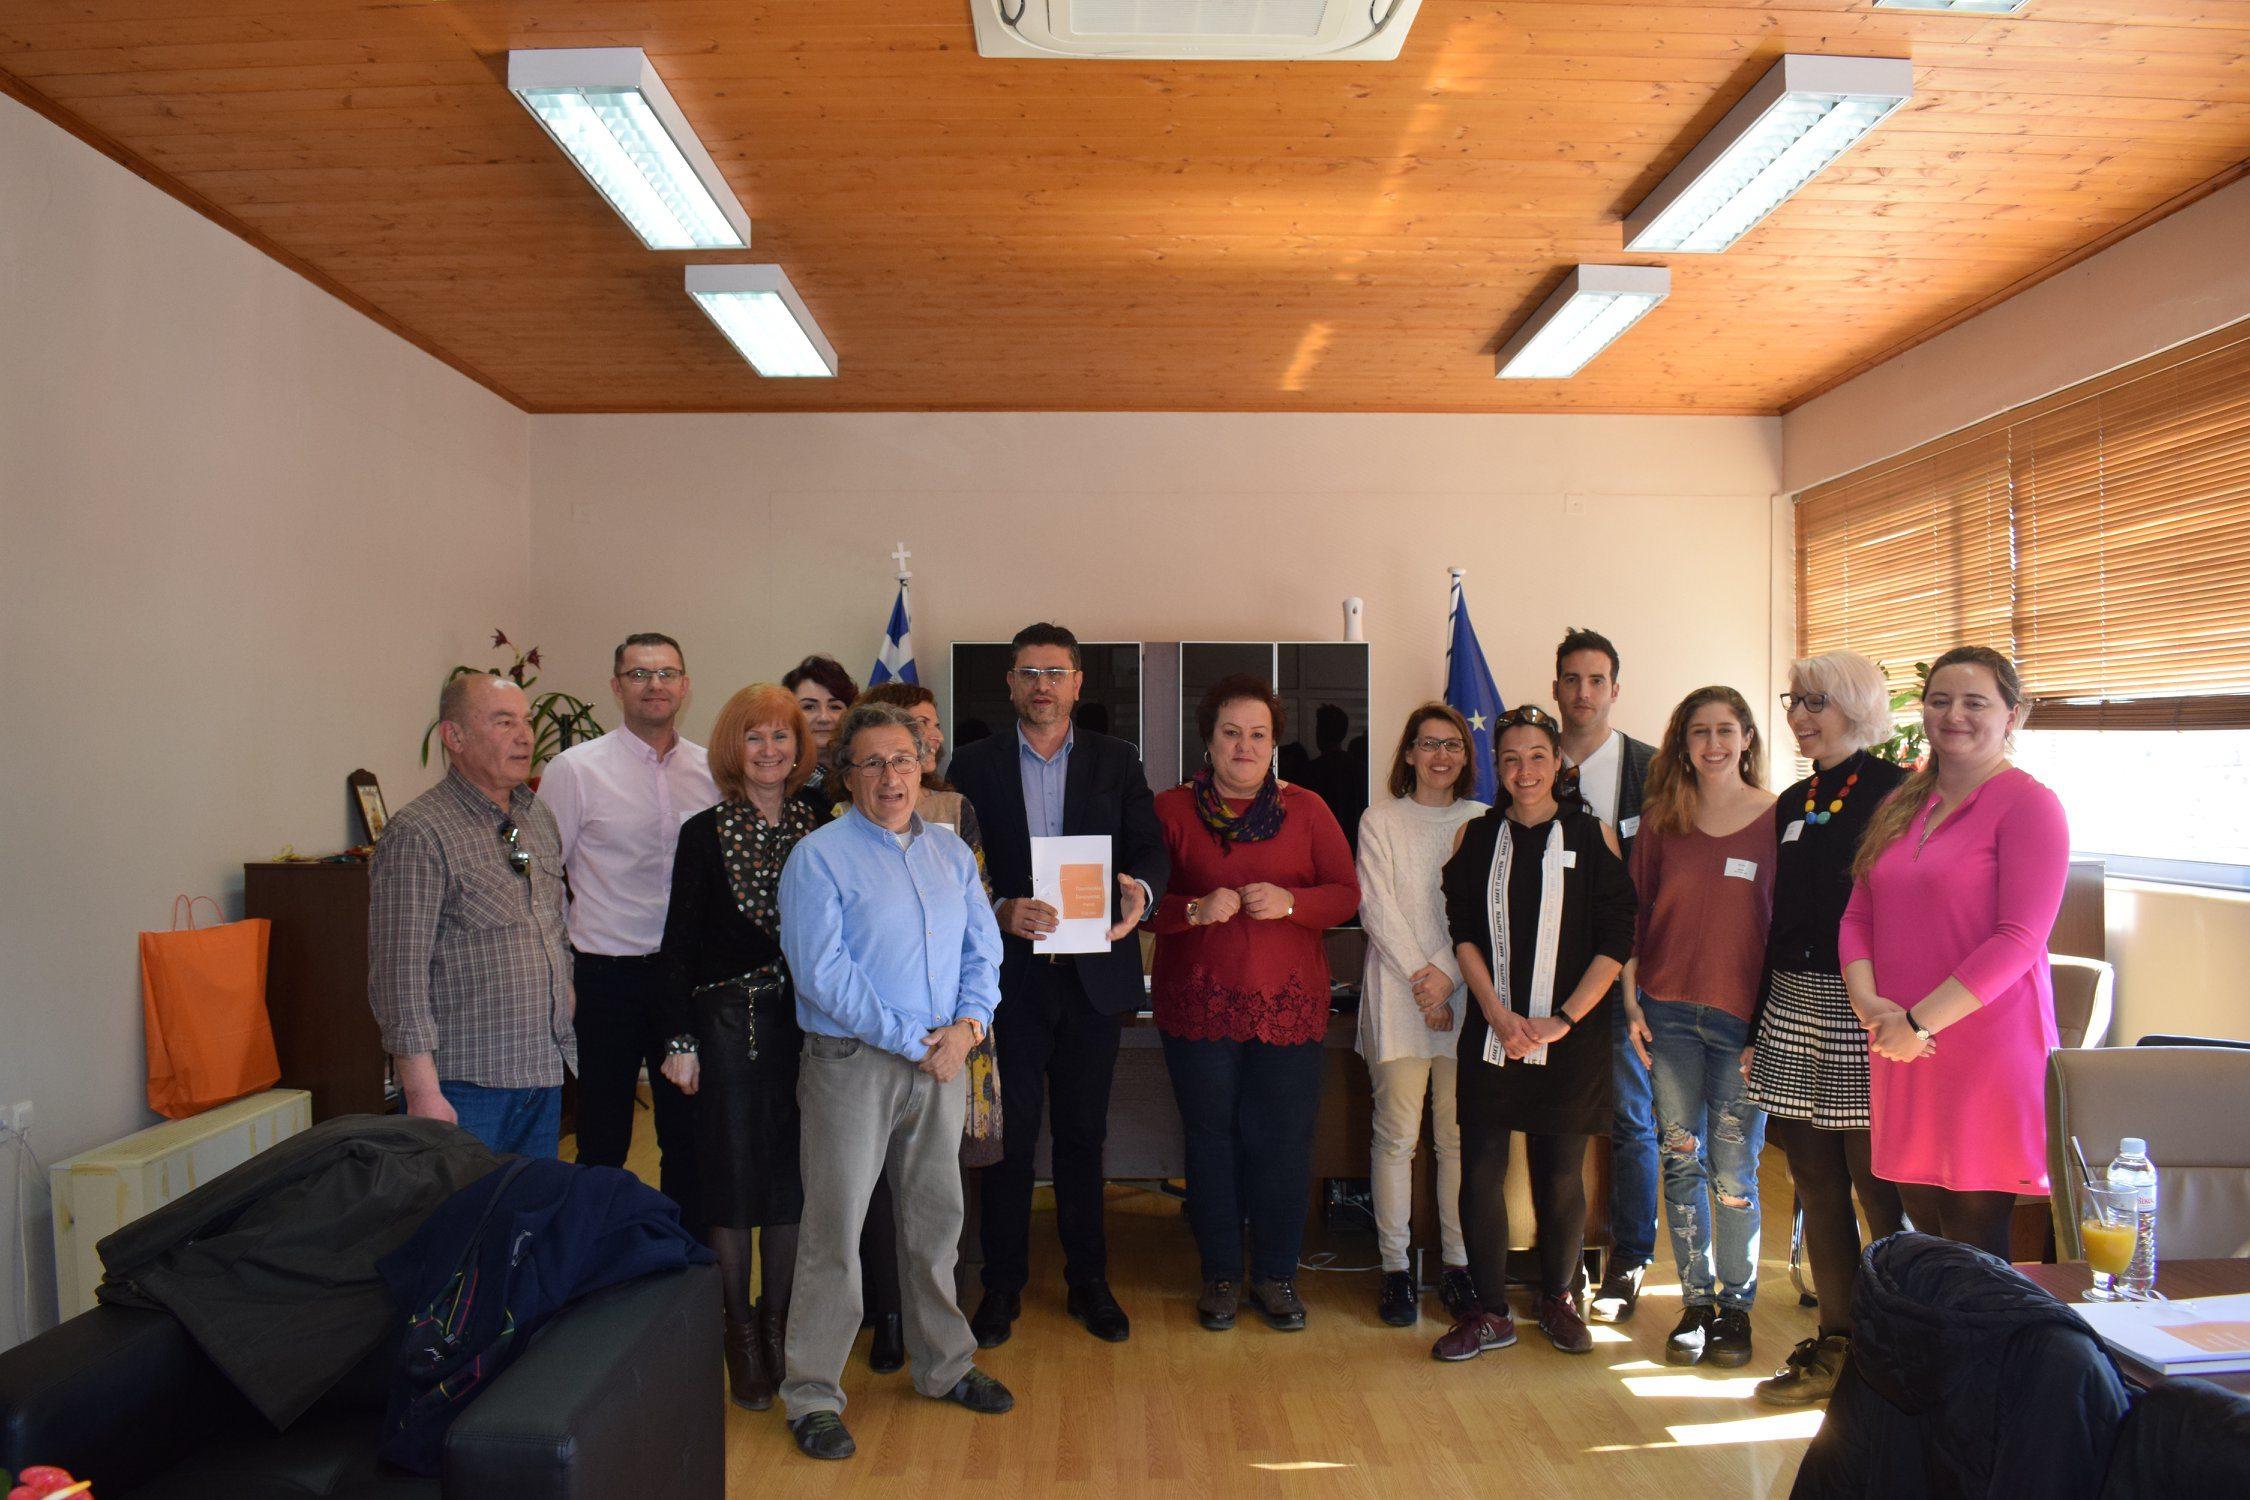 Δήμος Ανδραβίδας – Κυλλήνης: Επίσκεψη στον Δήμαρχο Γιάννη Λέντζα από καθηγητές του προγράμματος Erasmus+ (photos)